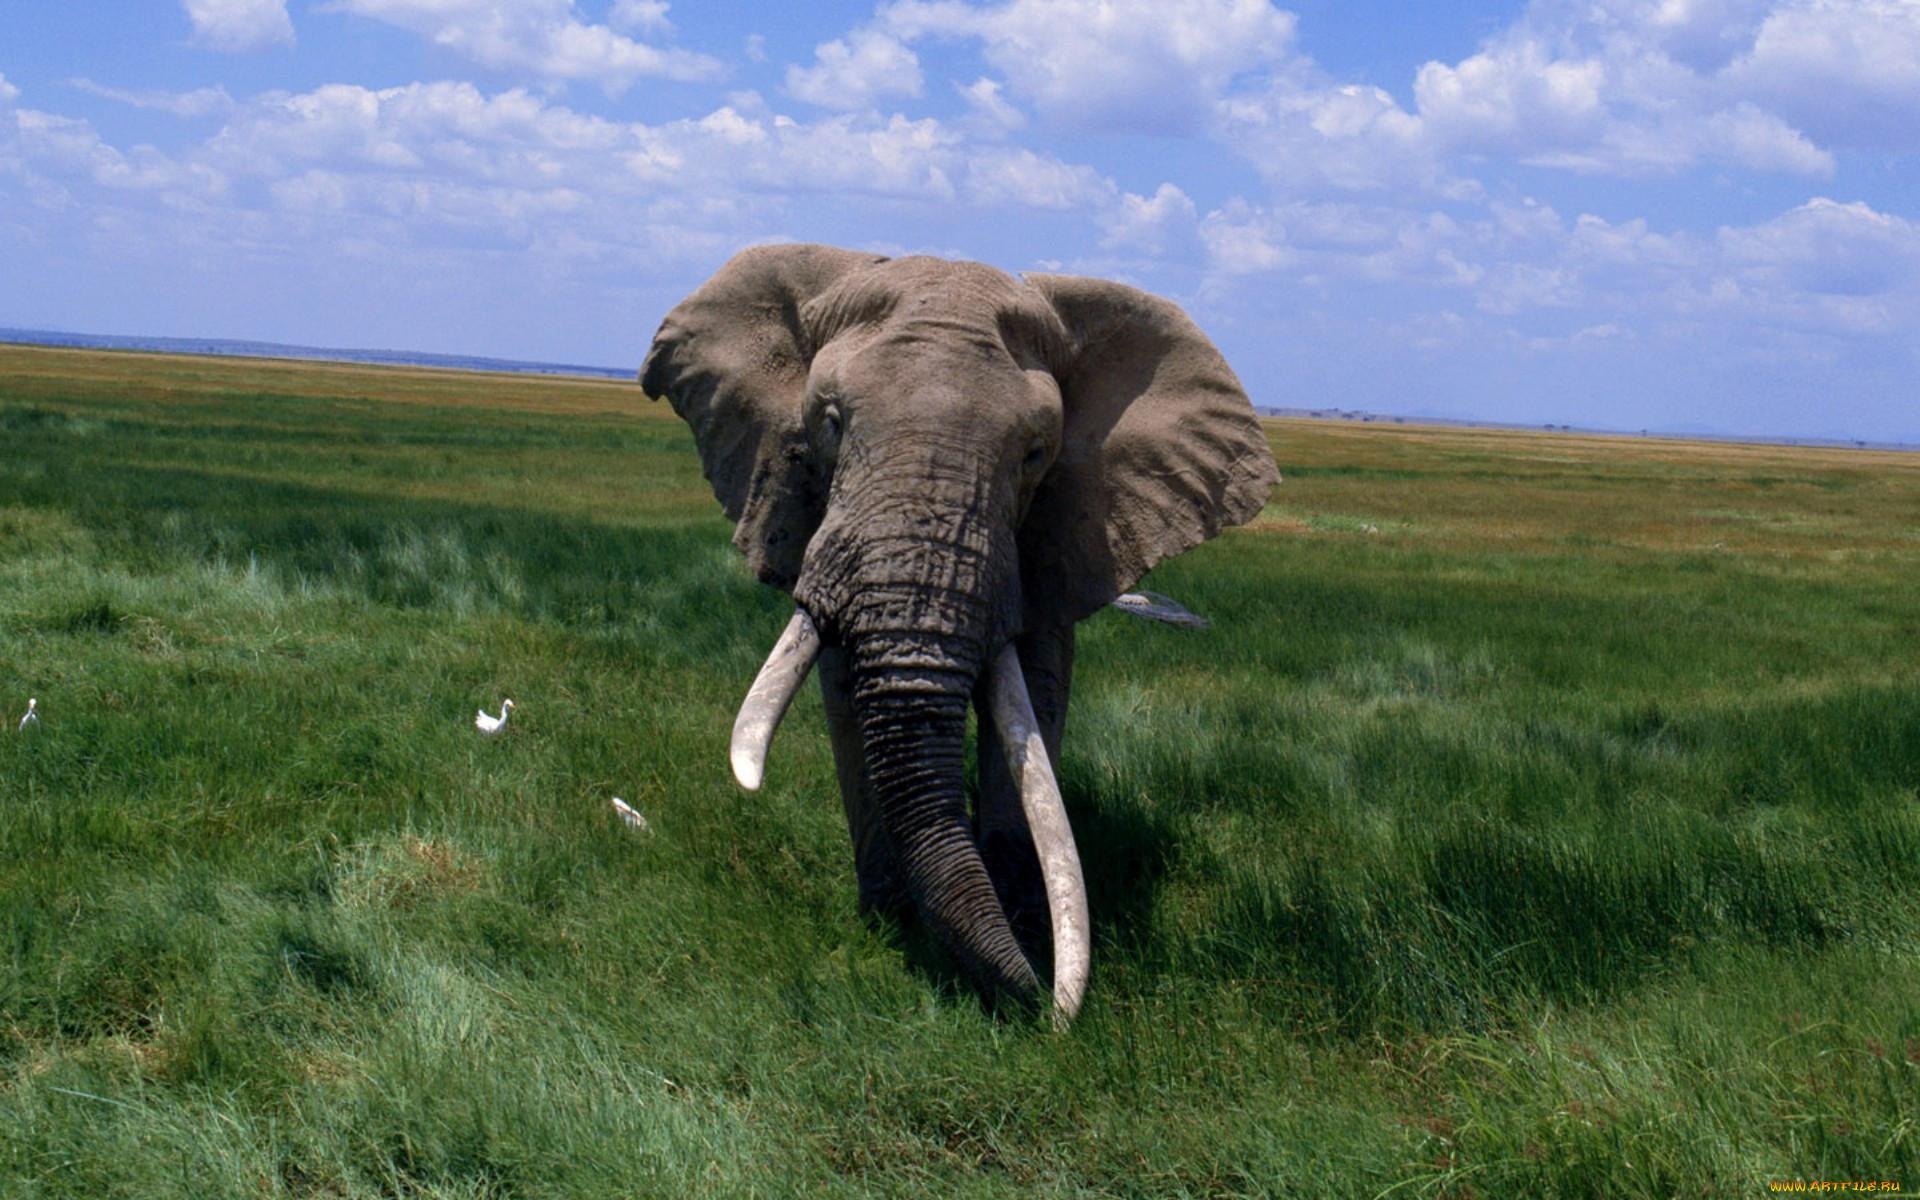 картинка самого большого животного изменился течением